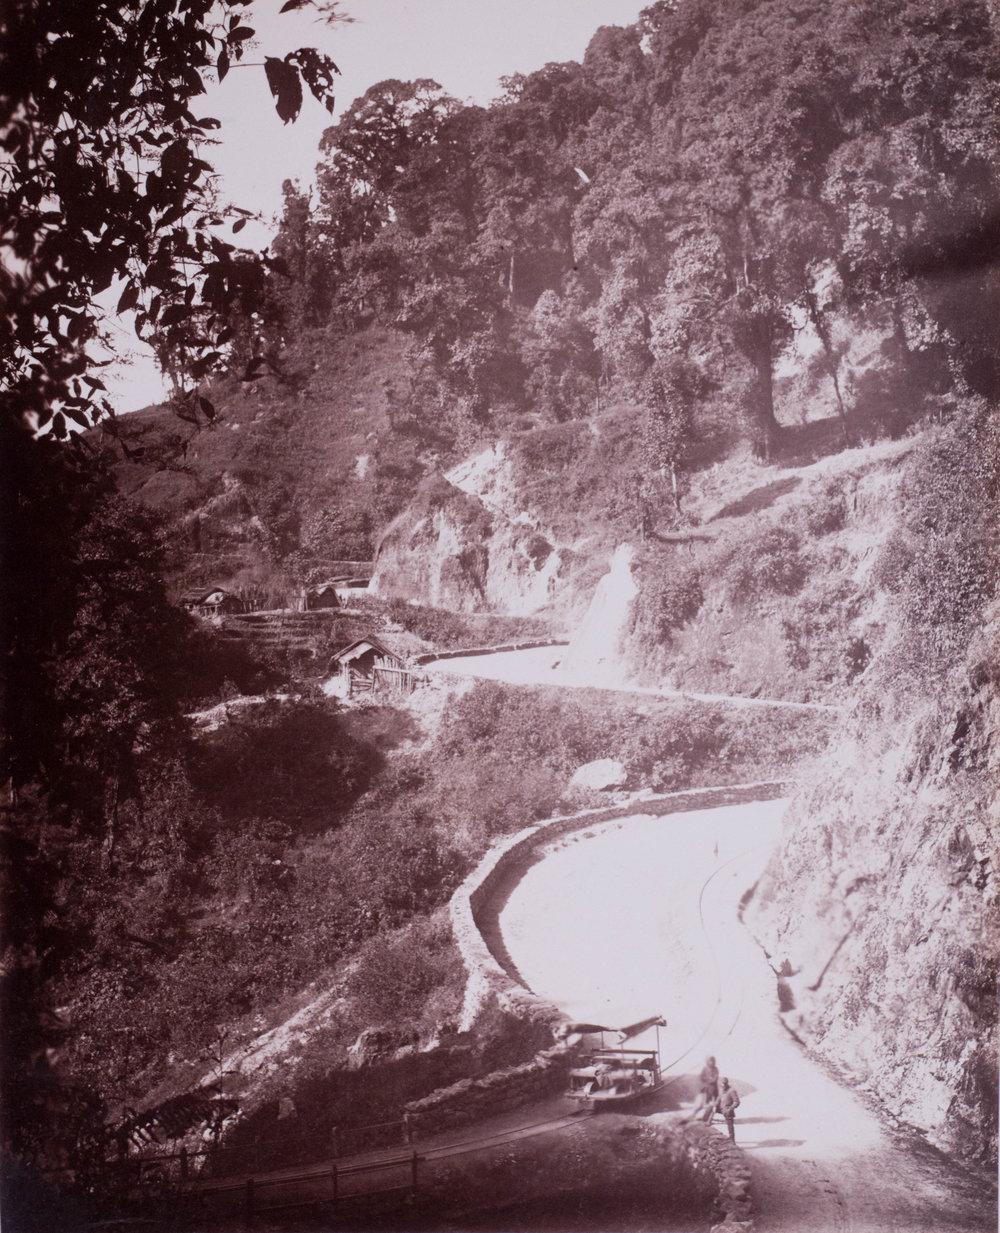 Le chemin de fer de Darjeeling 1